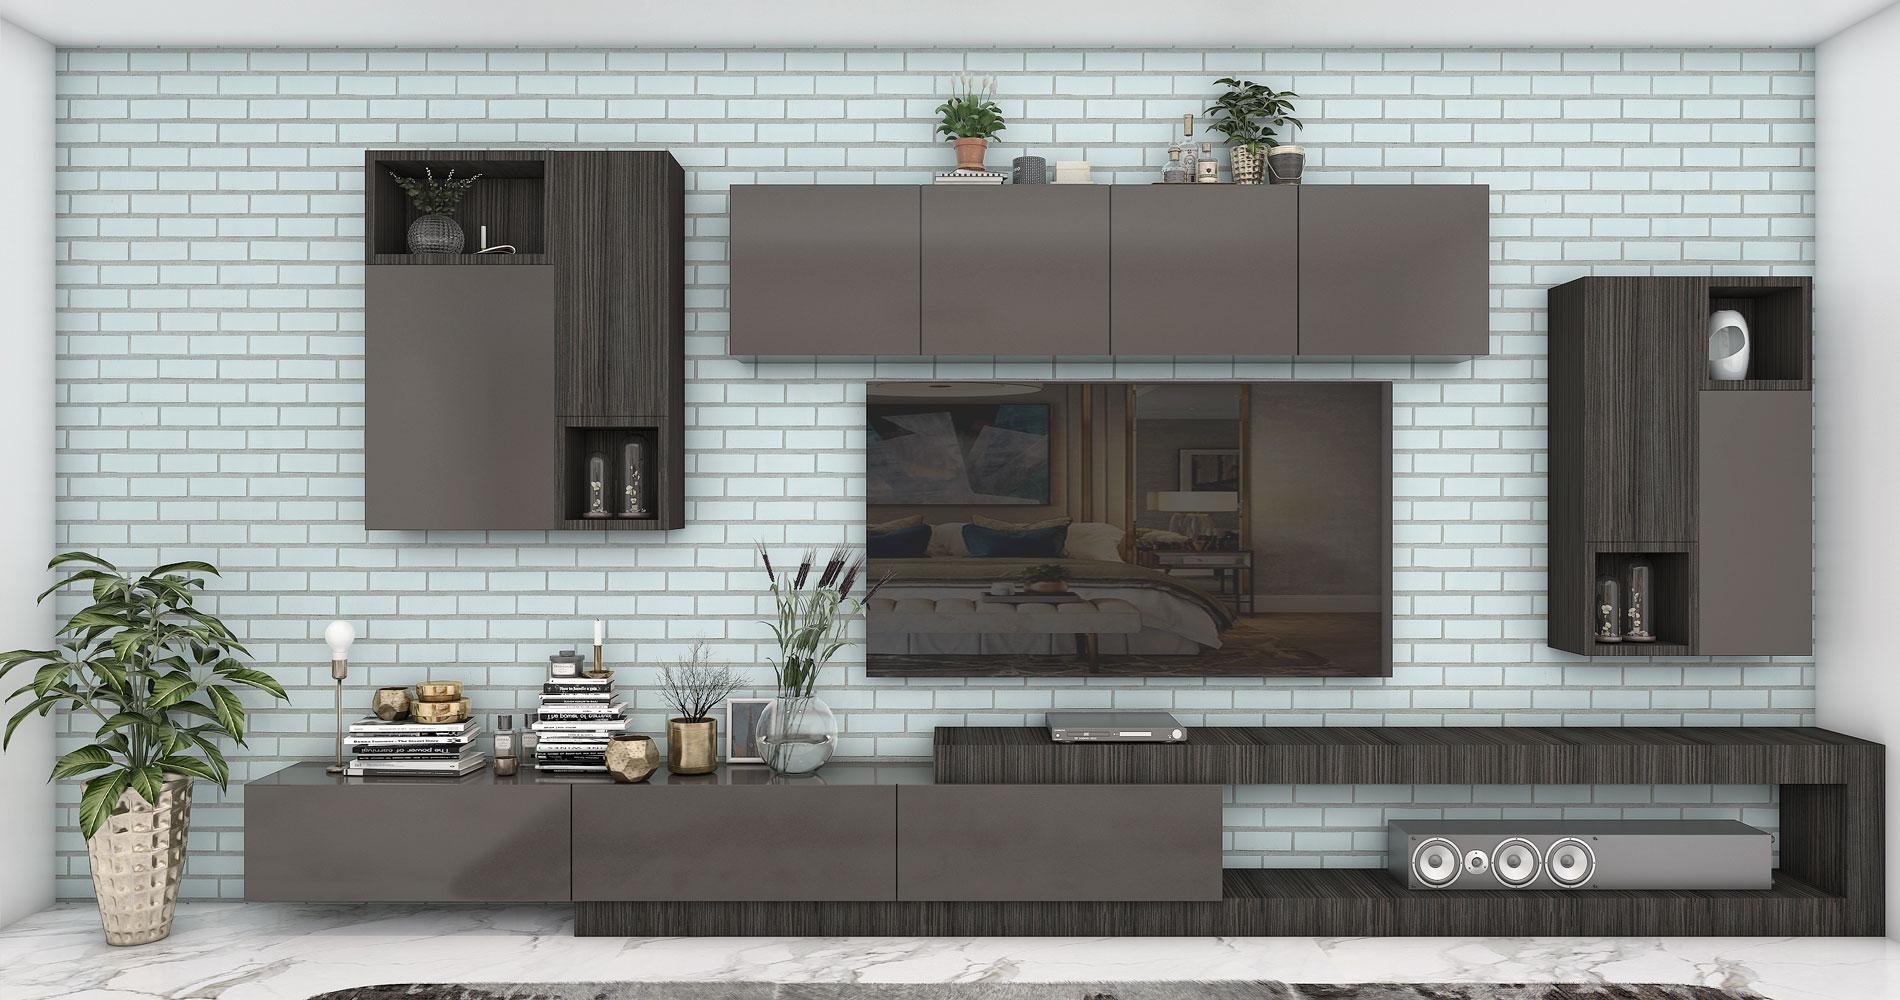 Subtle aqua brick wall cladding